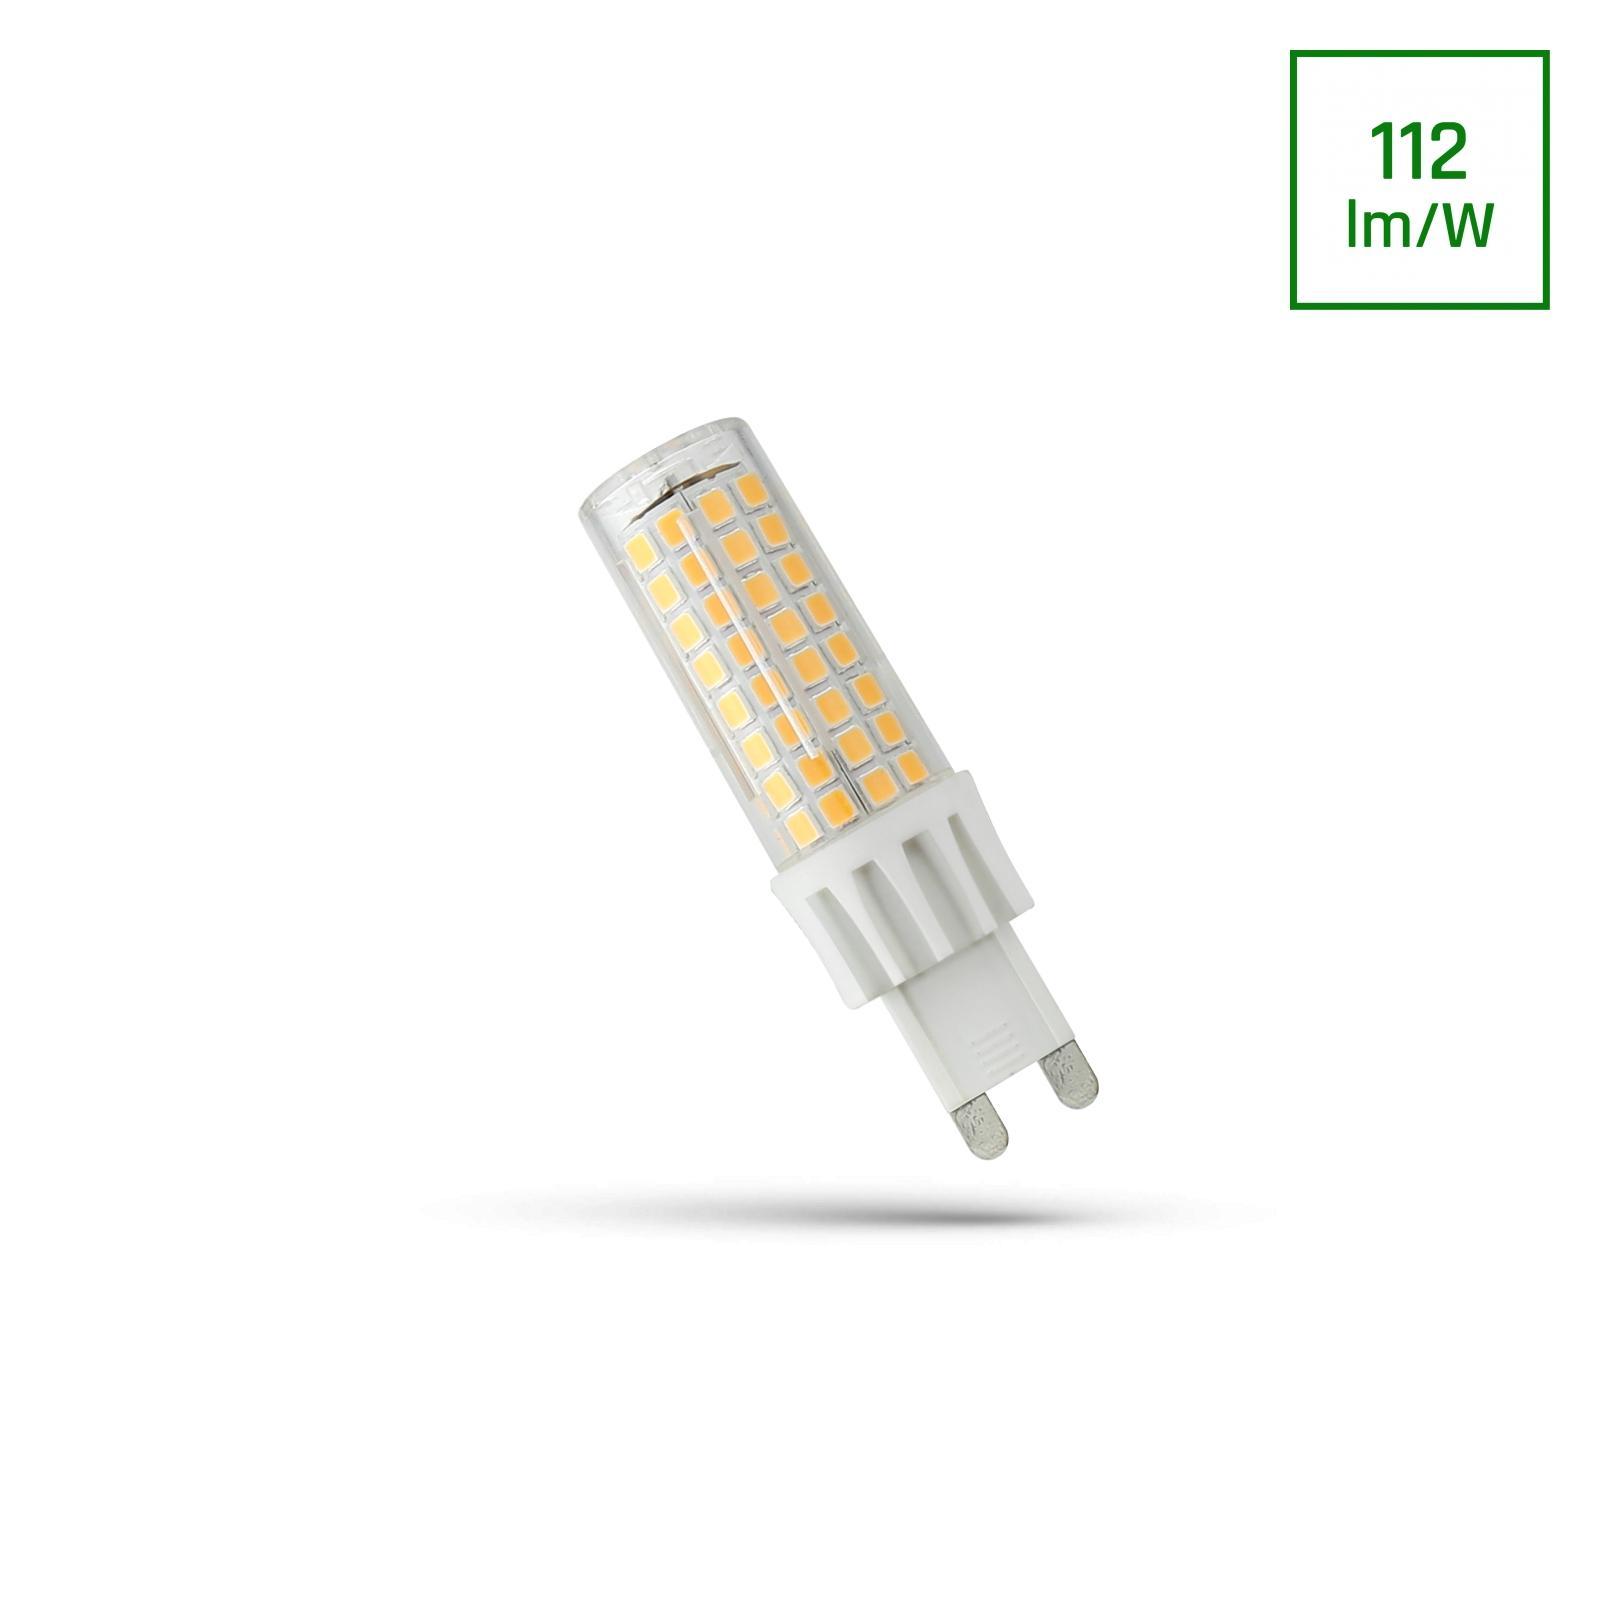 LED G9 230V 7W Studená bílá bíllá SMD SPECTRUM